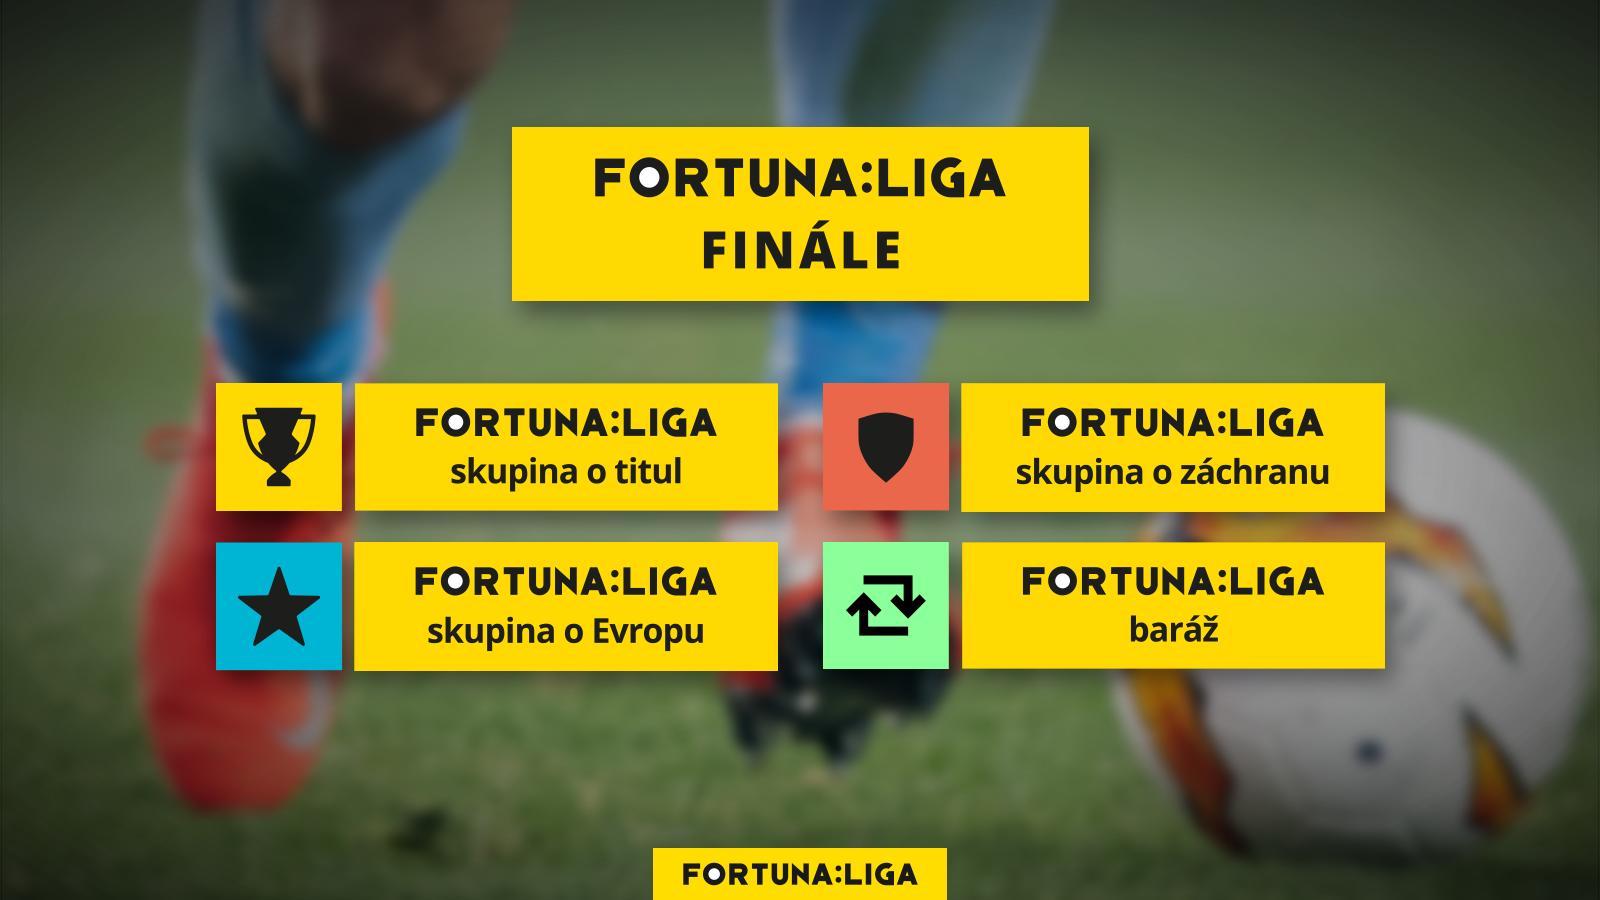 zdroj: twitter.com/fortunaliga.cz